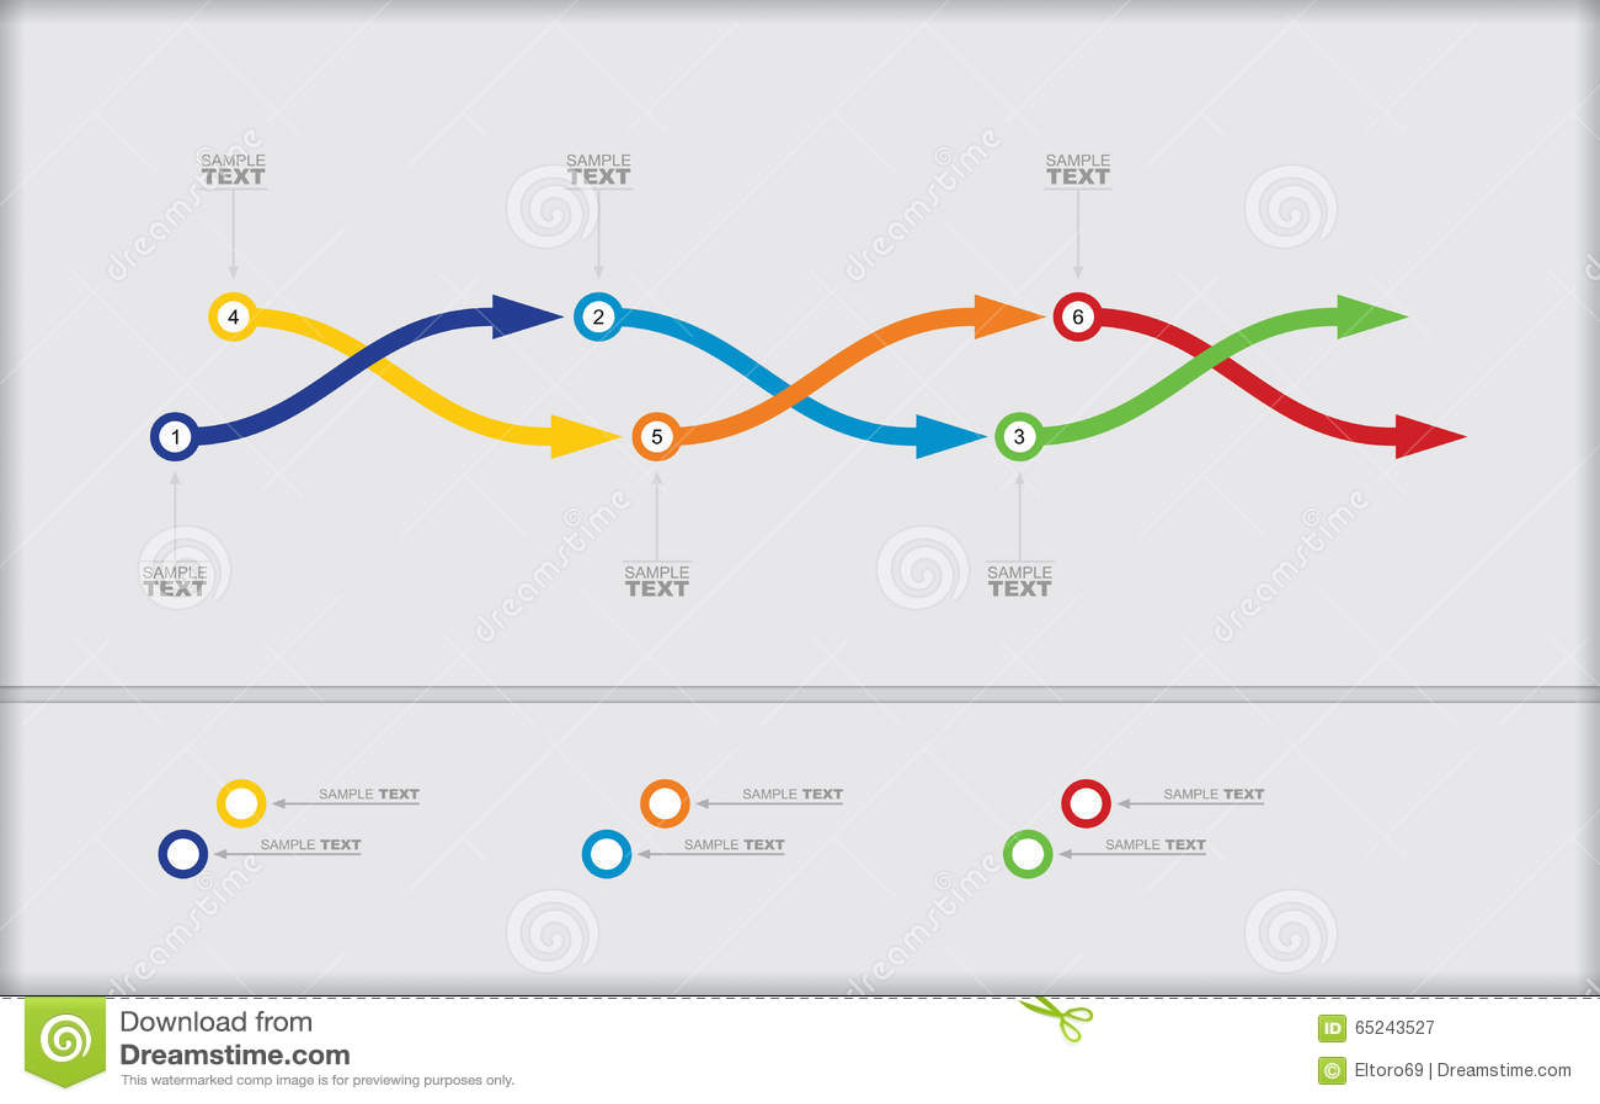 Vector flow chart template stock vector illustration of colors vector flow chart template colors information geenschuldenfo Image collections